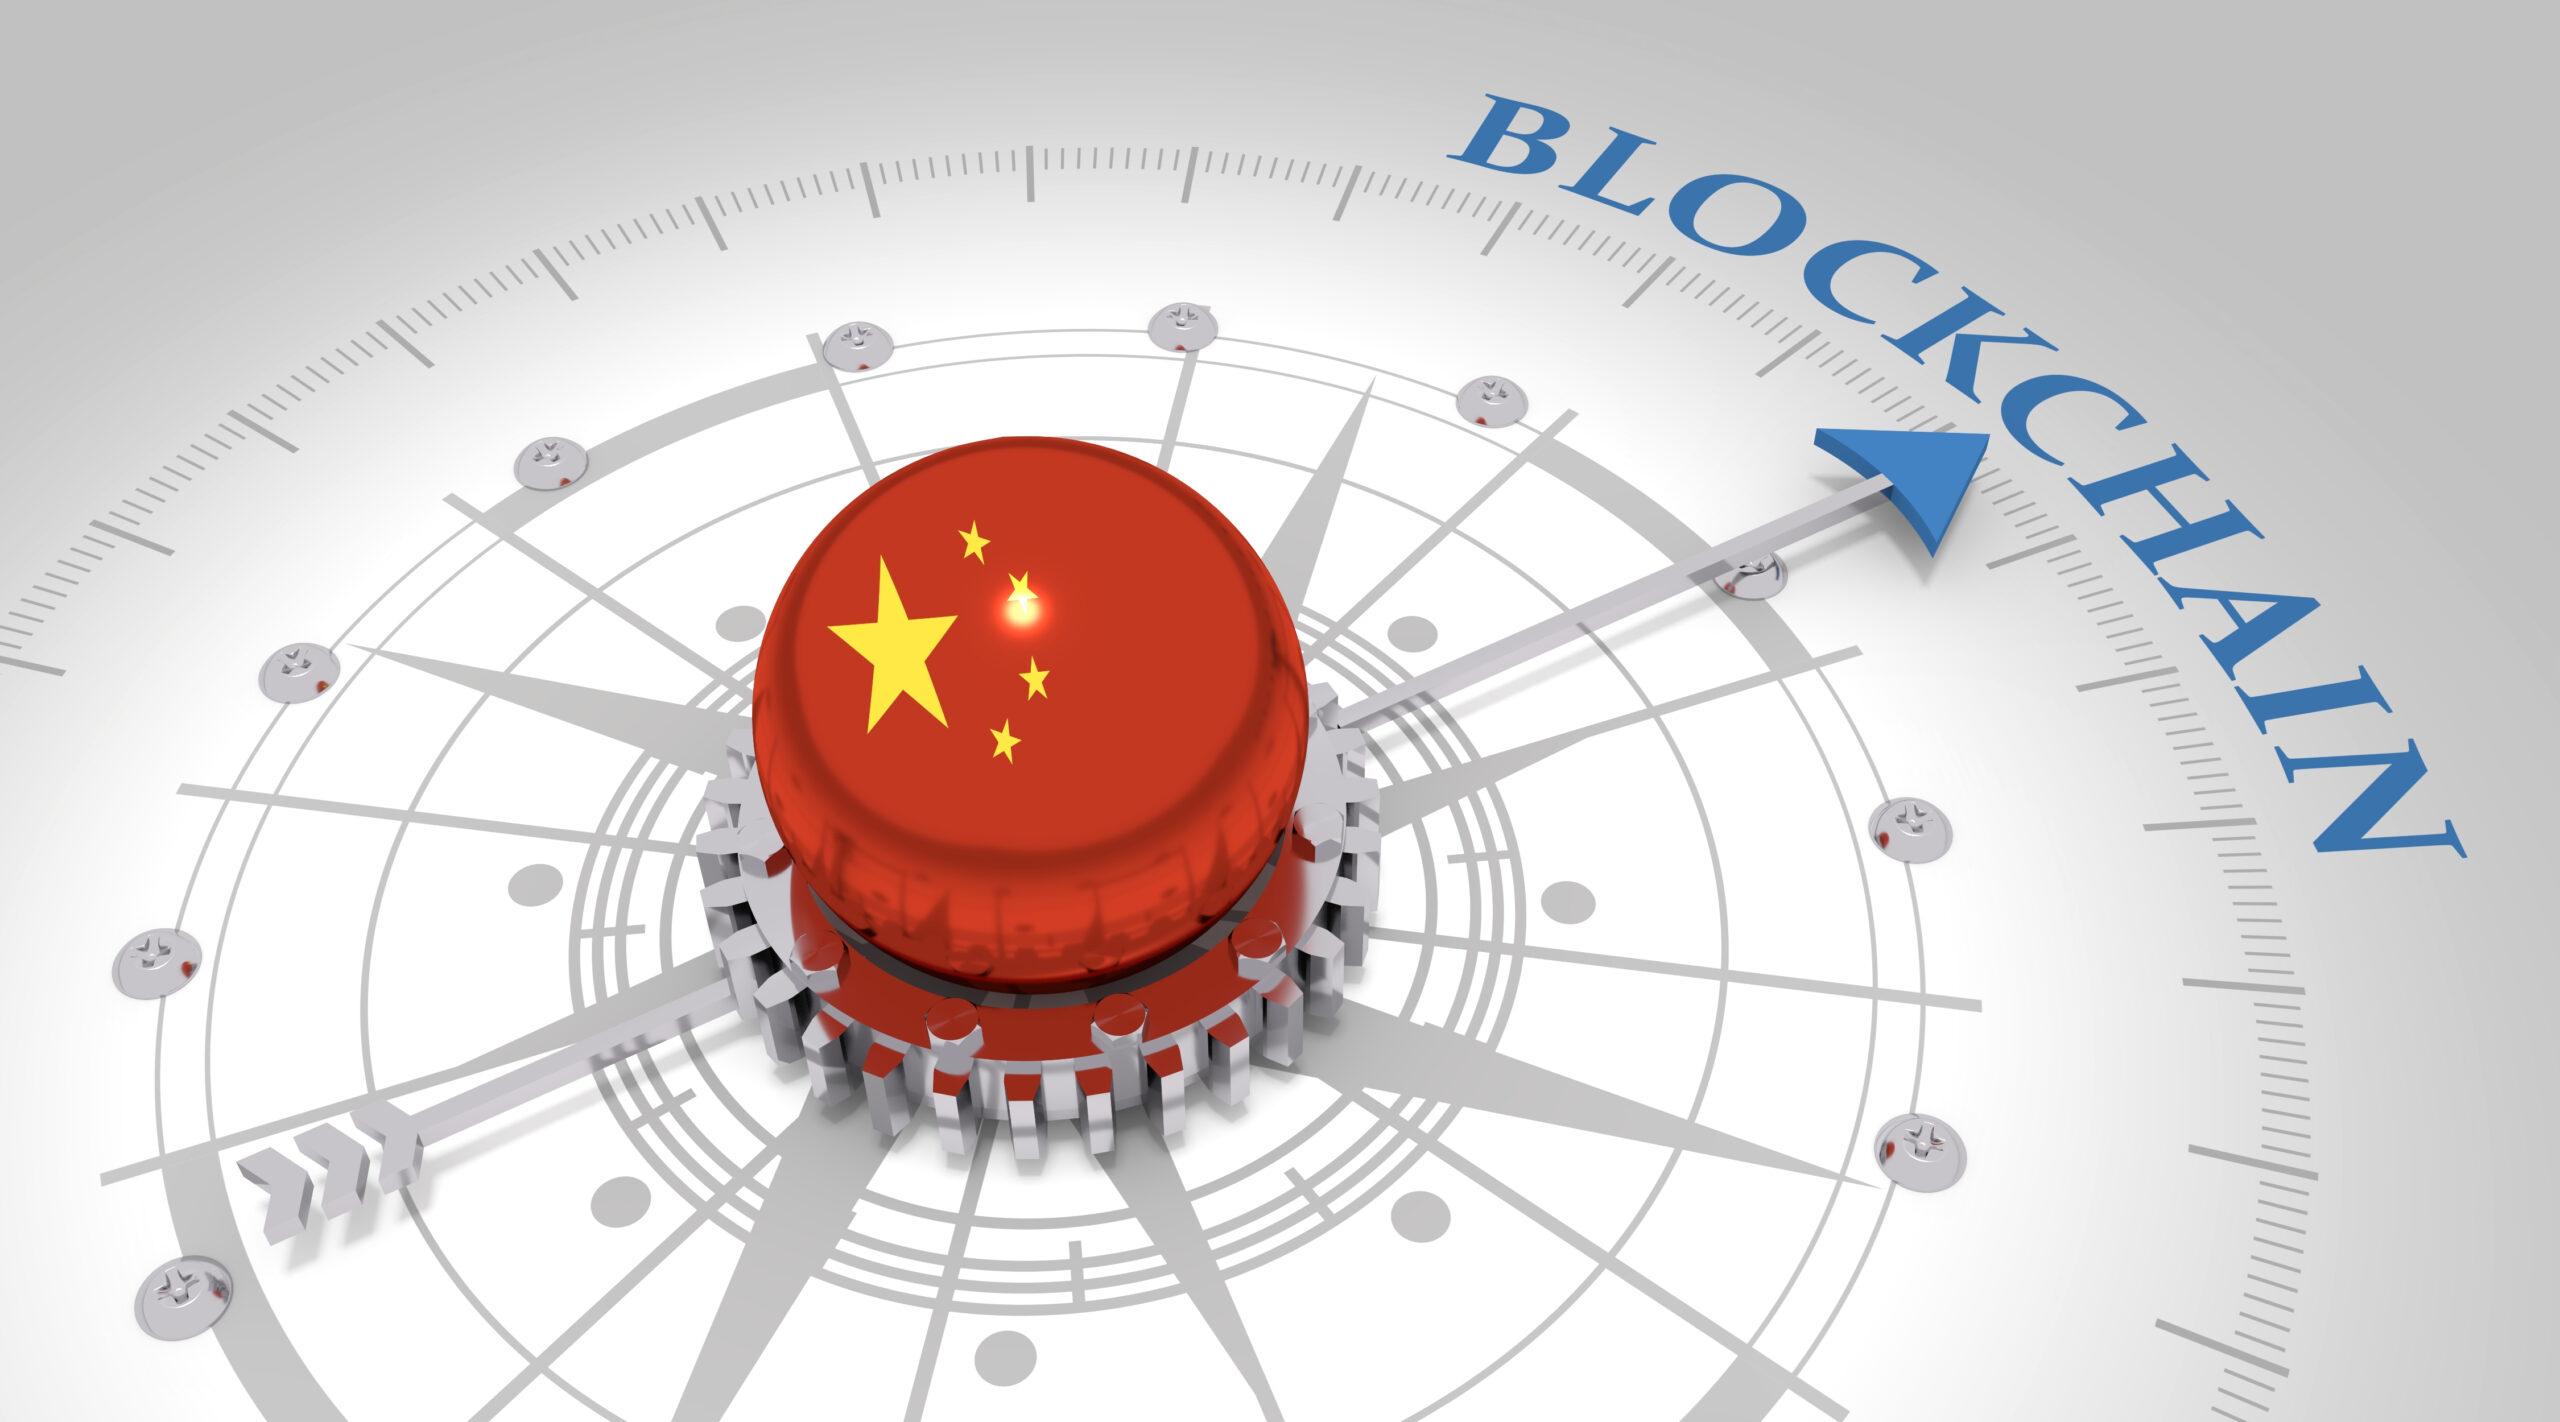 ブロックチェーンに賭けた中国──北京冬季五輪に向けて【特別レポート】